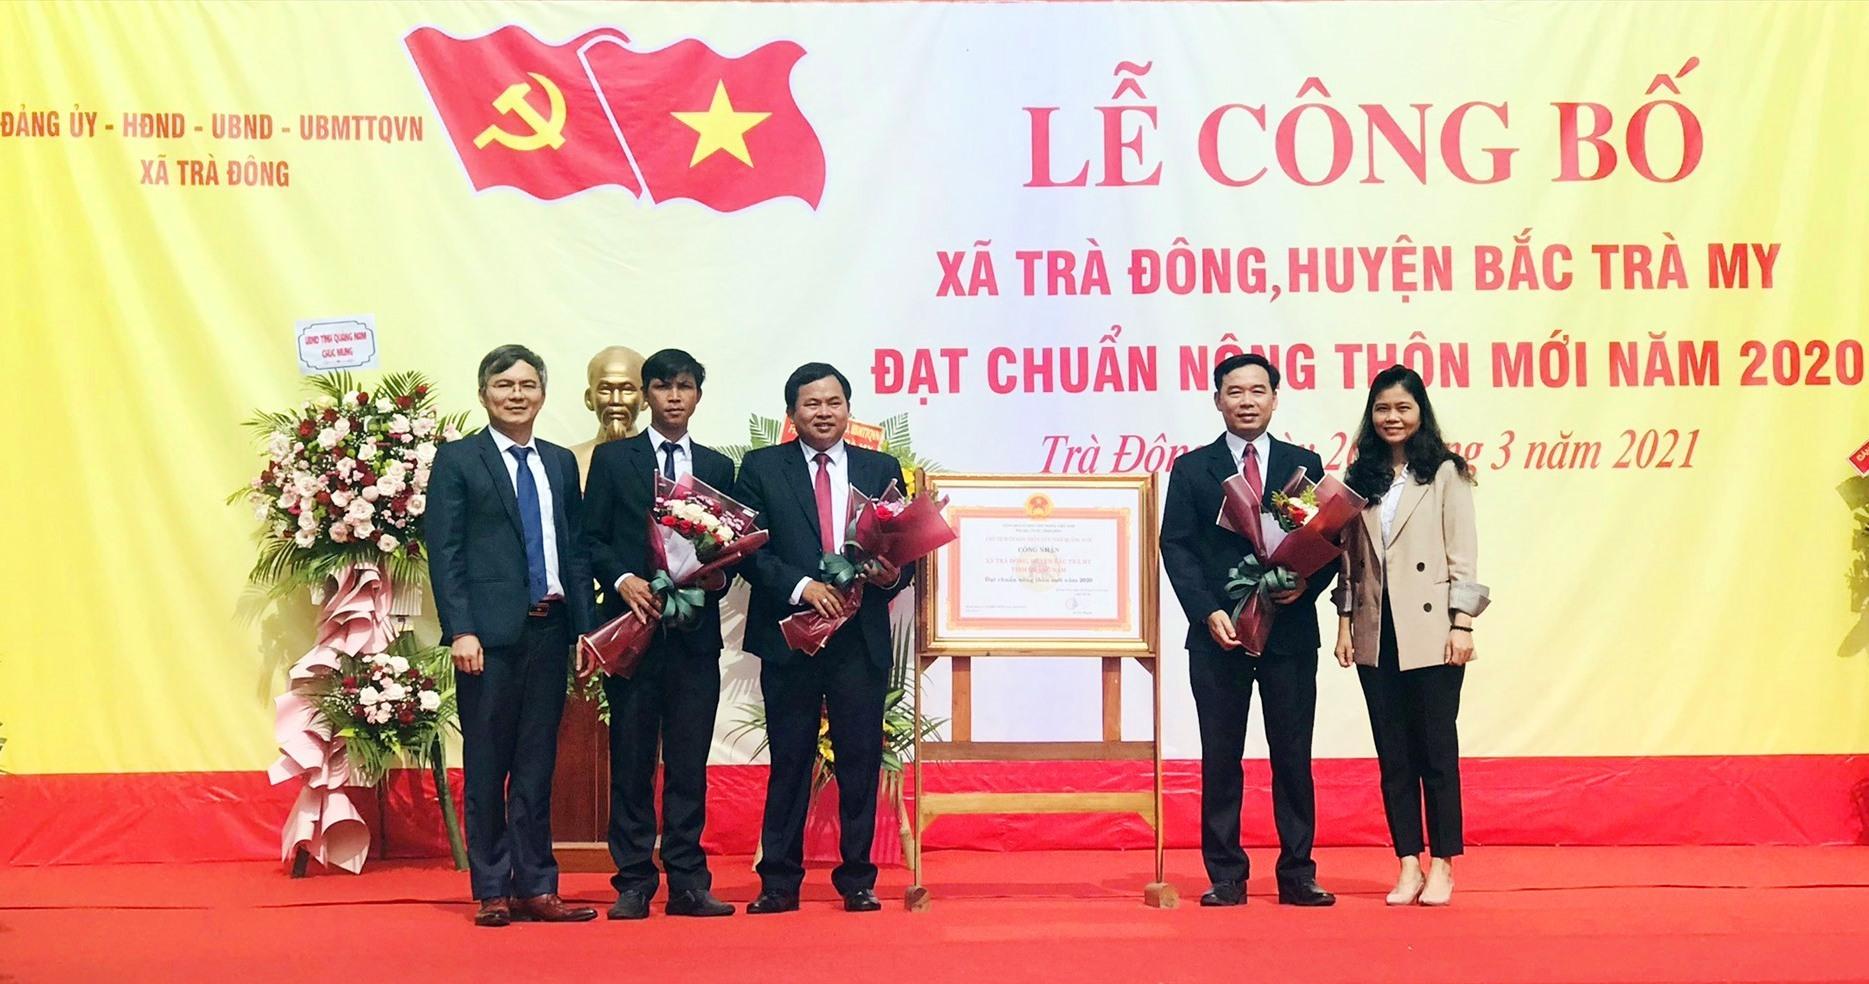 xã Trà Đông (Bắc Trà My) tổ chức lễ công bố quyết định đạt chuẩn nông thôn mới năm 2020.